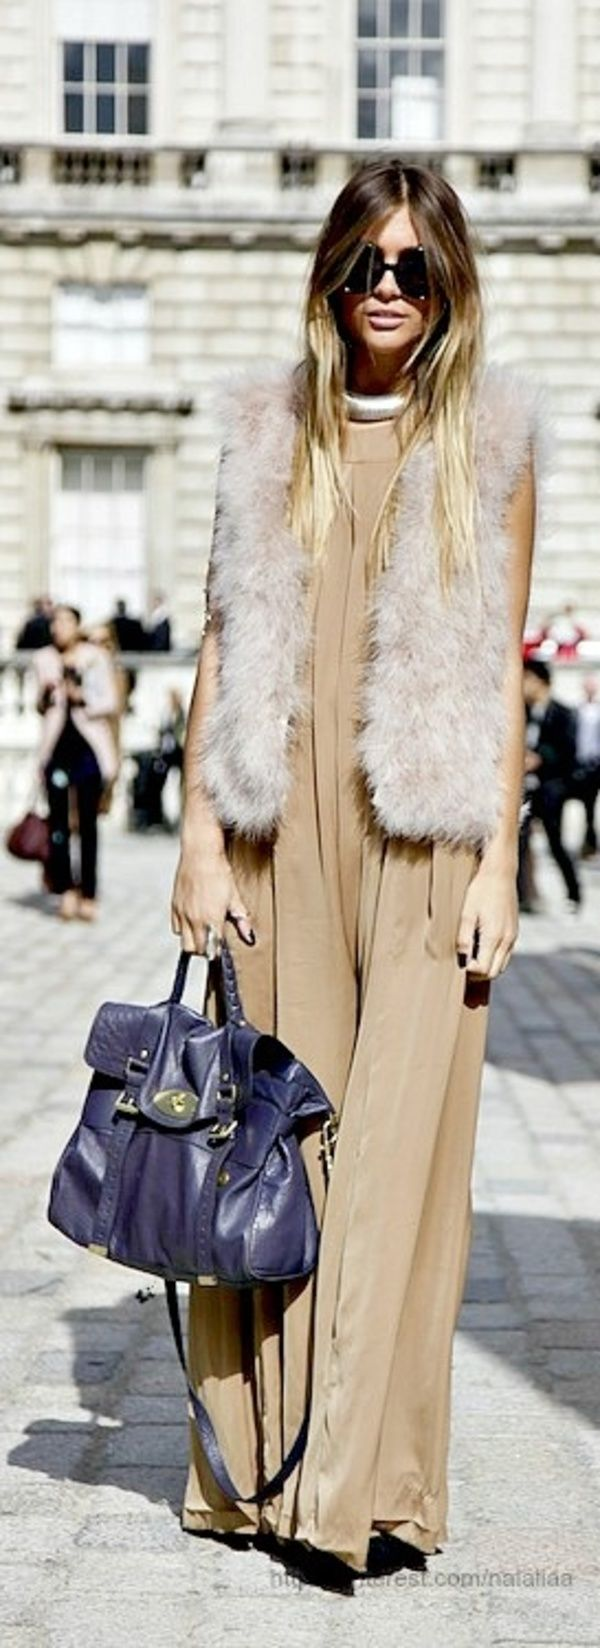 ノースリのマキシ丈でフェミニンさを強調♡ 人気のおすすめモテ系オールインワンの一覧。素敵な40代の着こなし術♡アラフォー ガウチョおすすめコーデ術です。